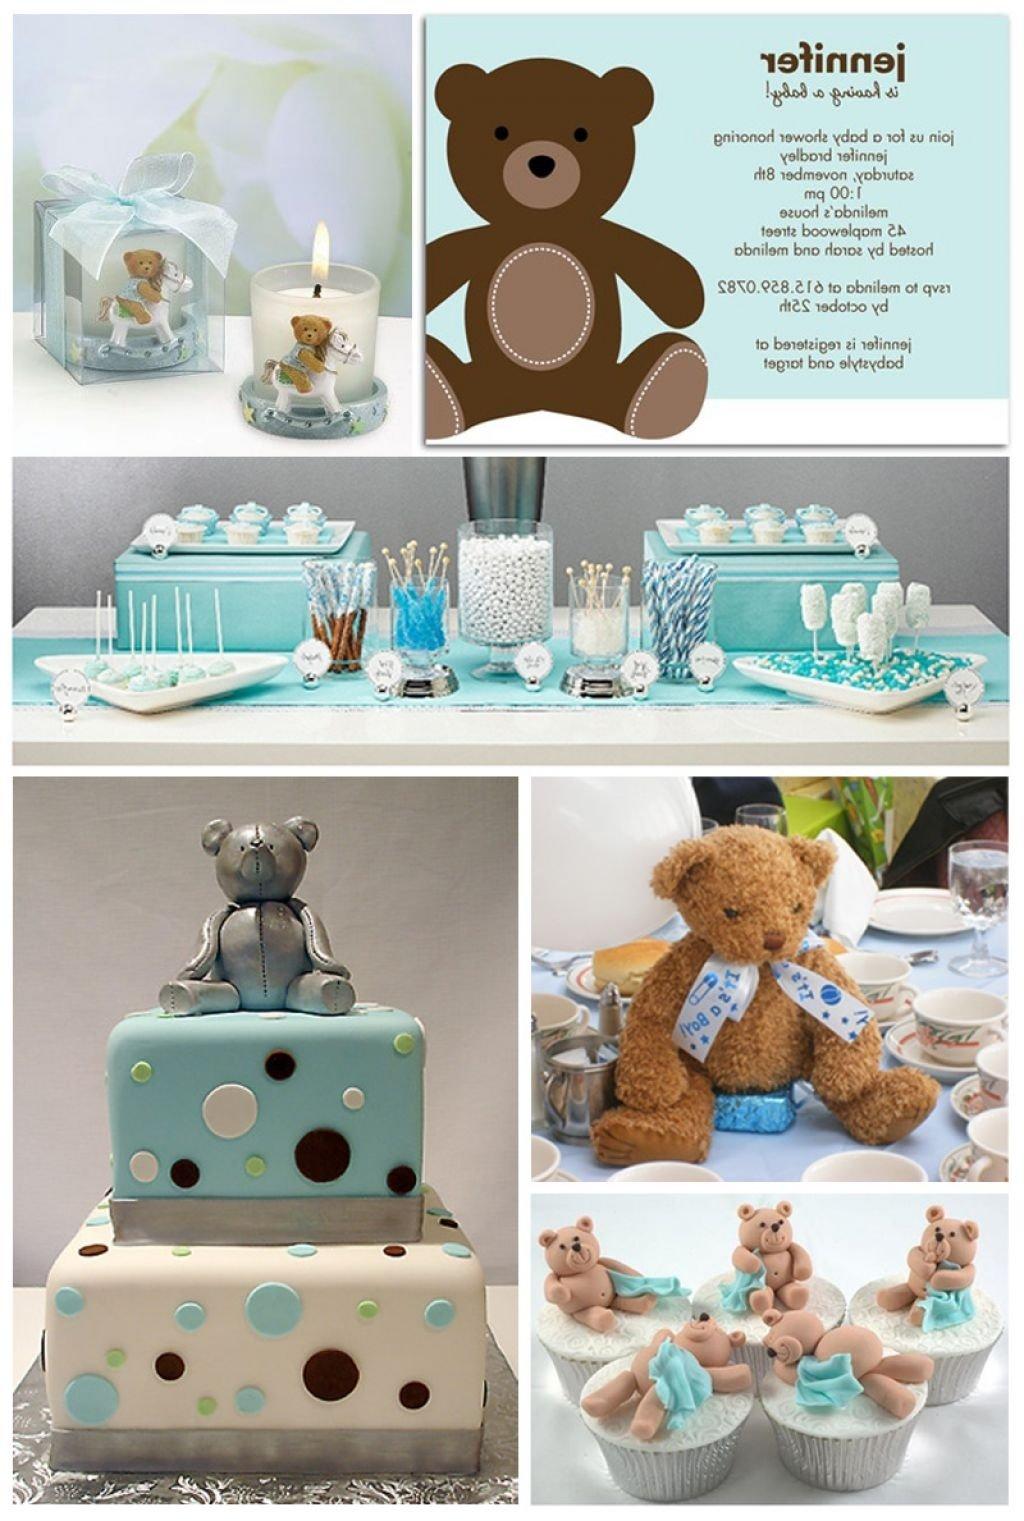 10 Fantastic Teddy Bear Baby Shower Ideas teddy bear themed baby shower decorations e280a2 baby showers ideas 2021